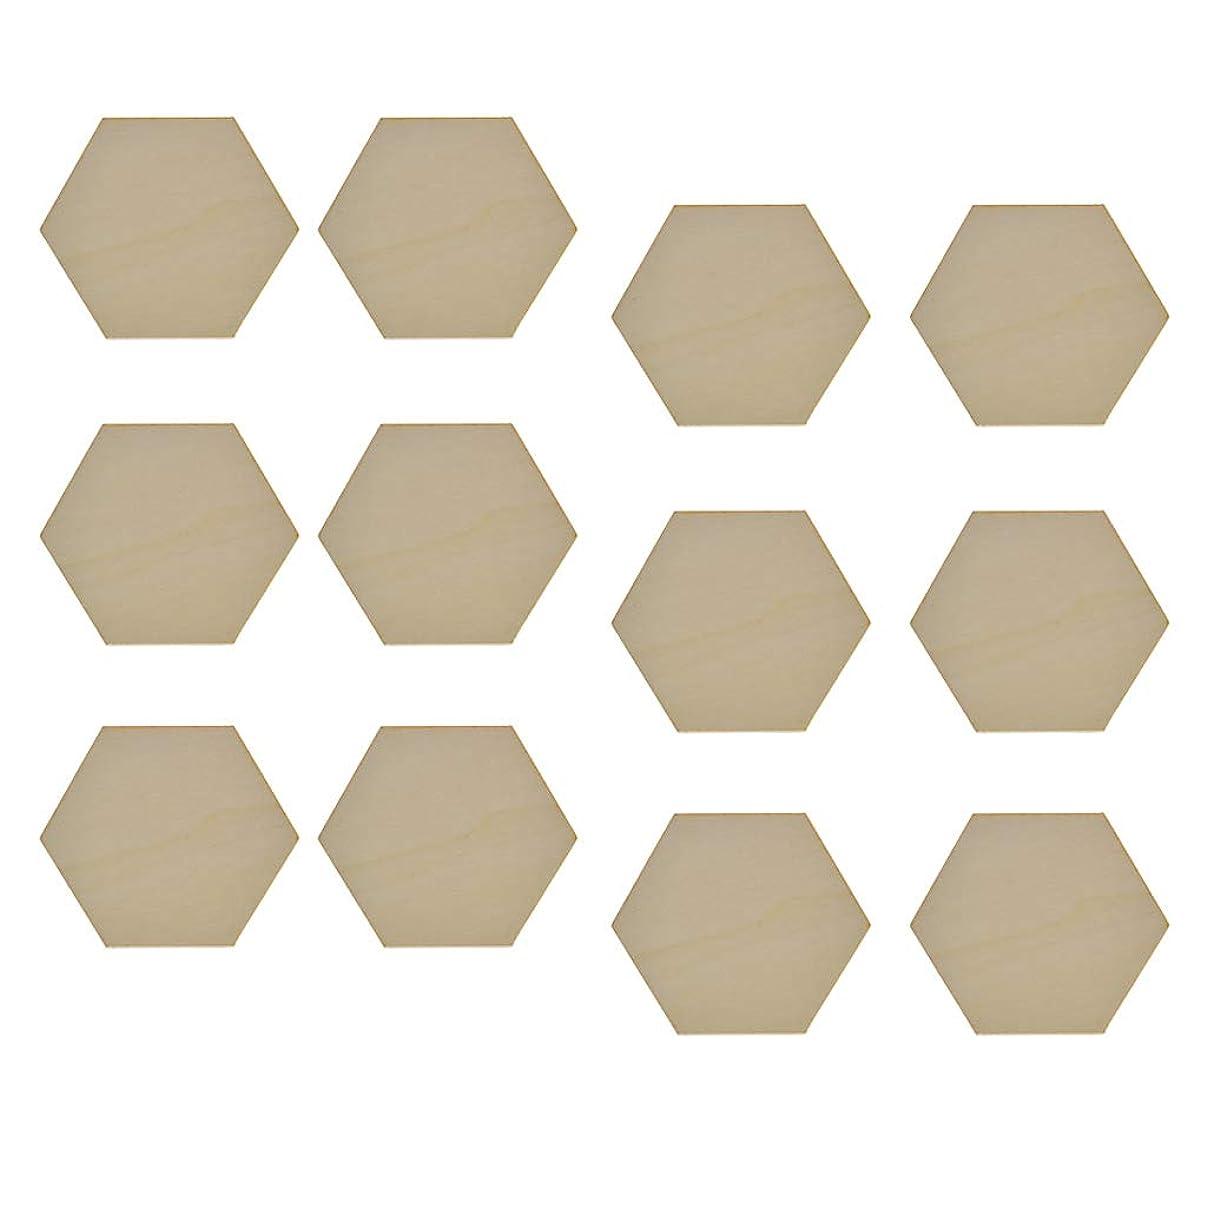 散らす悲観的アーチ#N/A 木製タグ 木材チップ 木片 木製カード 装飾用木材チップ DIY 工芸品 材料 約12個 全4選択 - 六角形